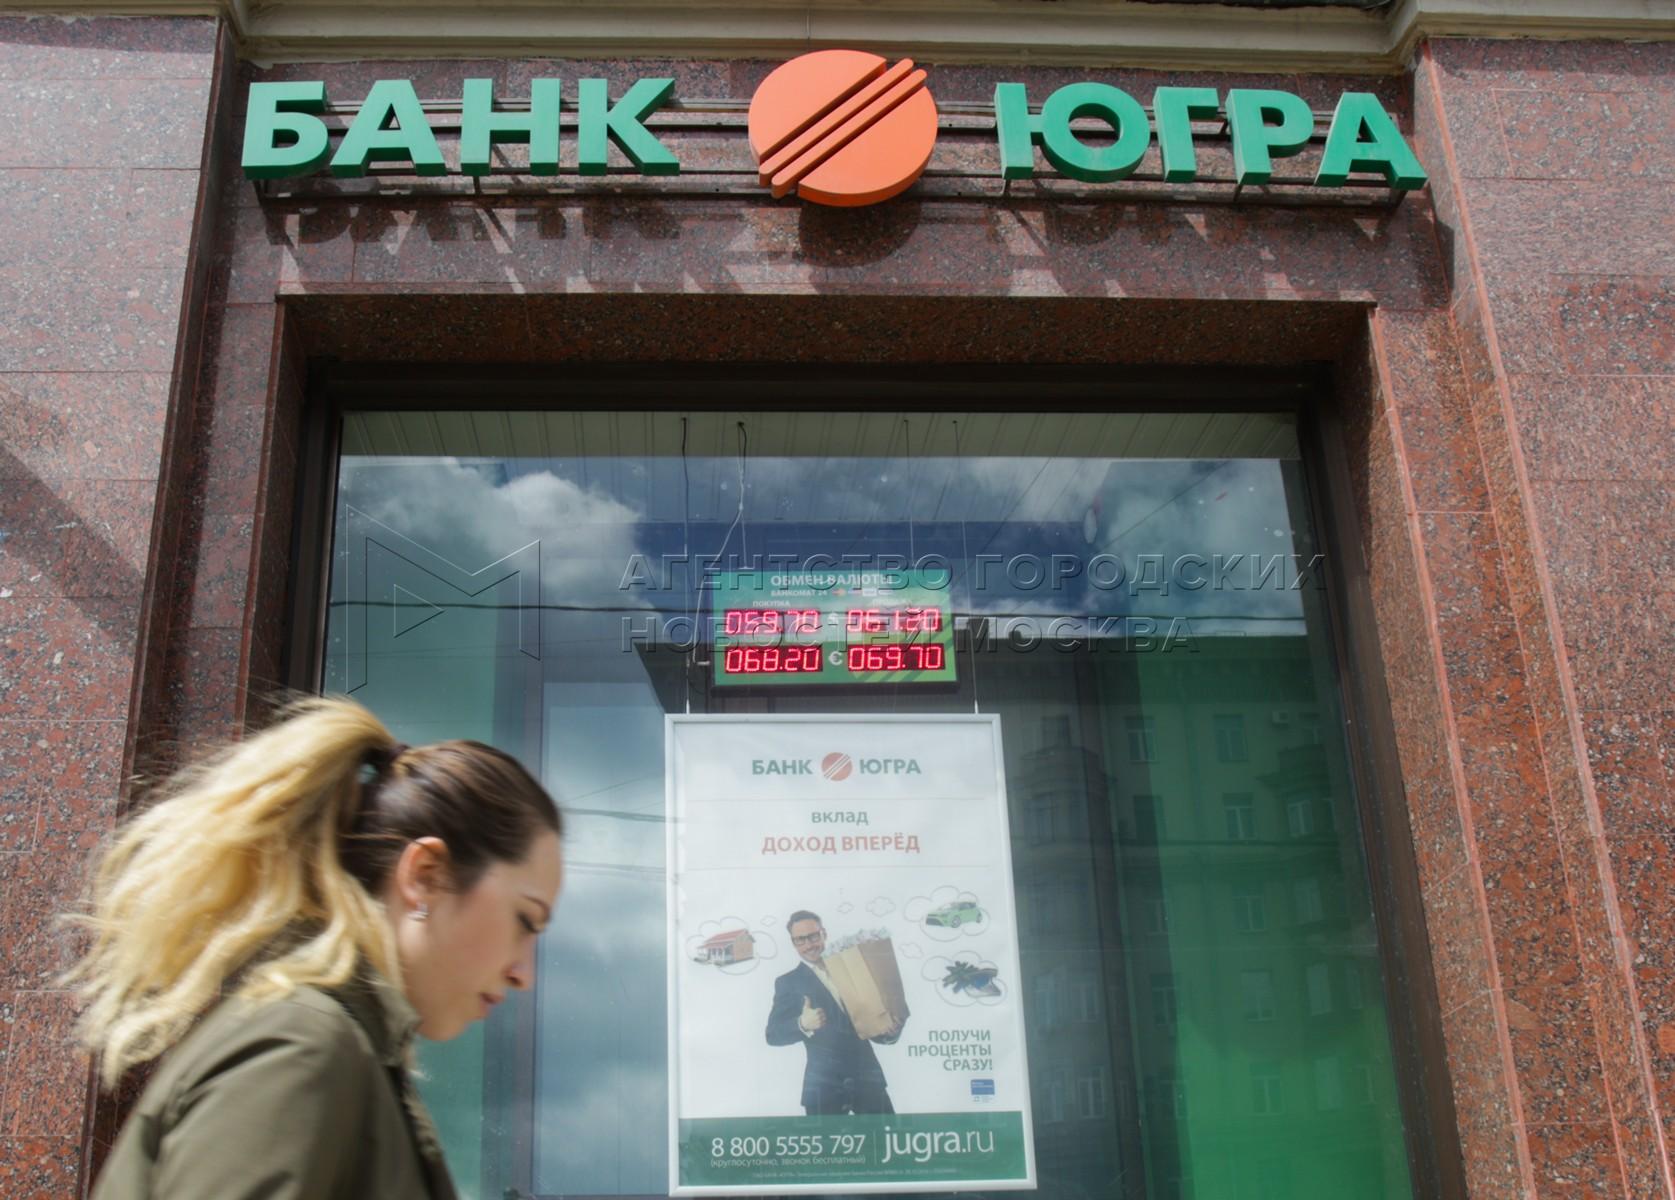 Офис банка «Югра» после назначения Банком России на шесть месяцев временной администрации в финансово-кредитной организации.